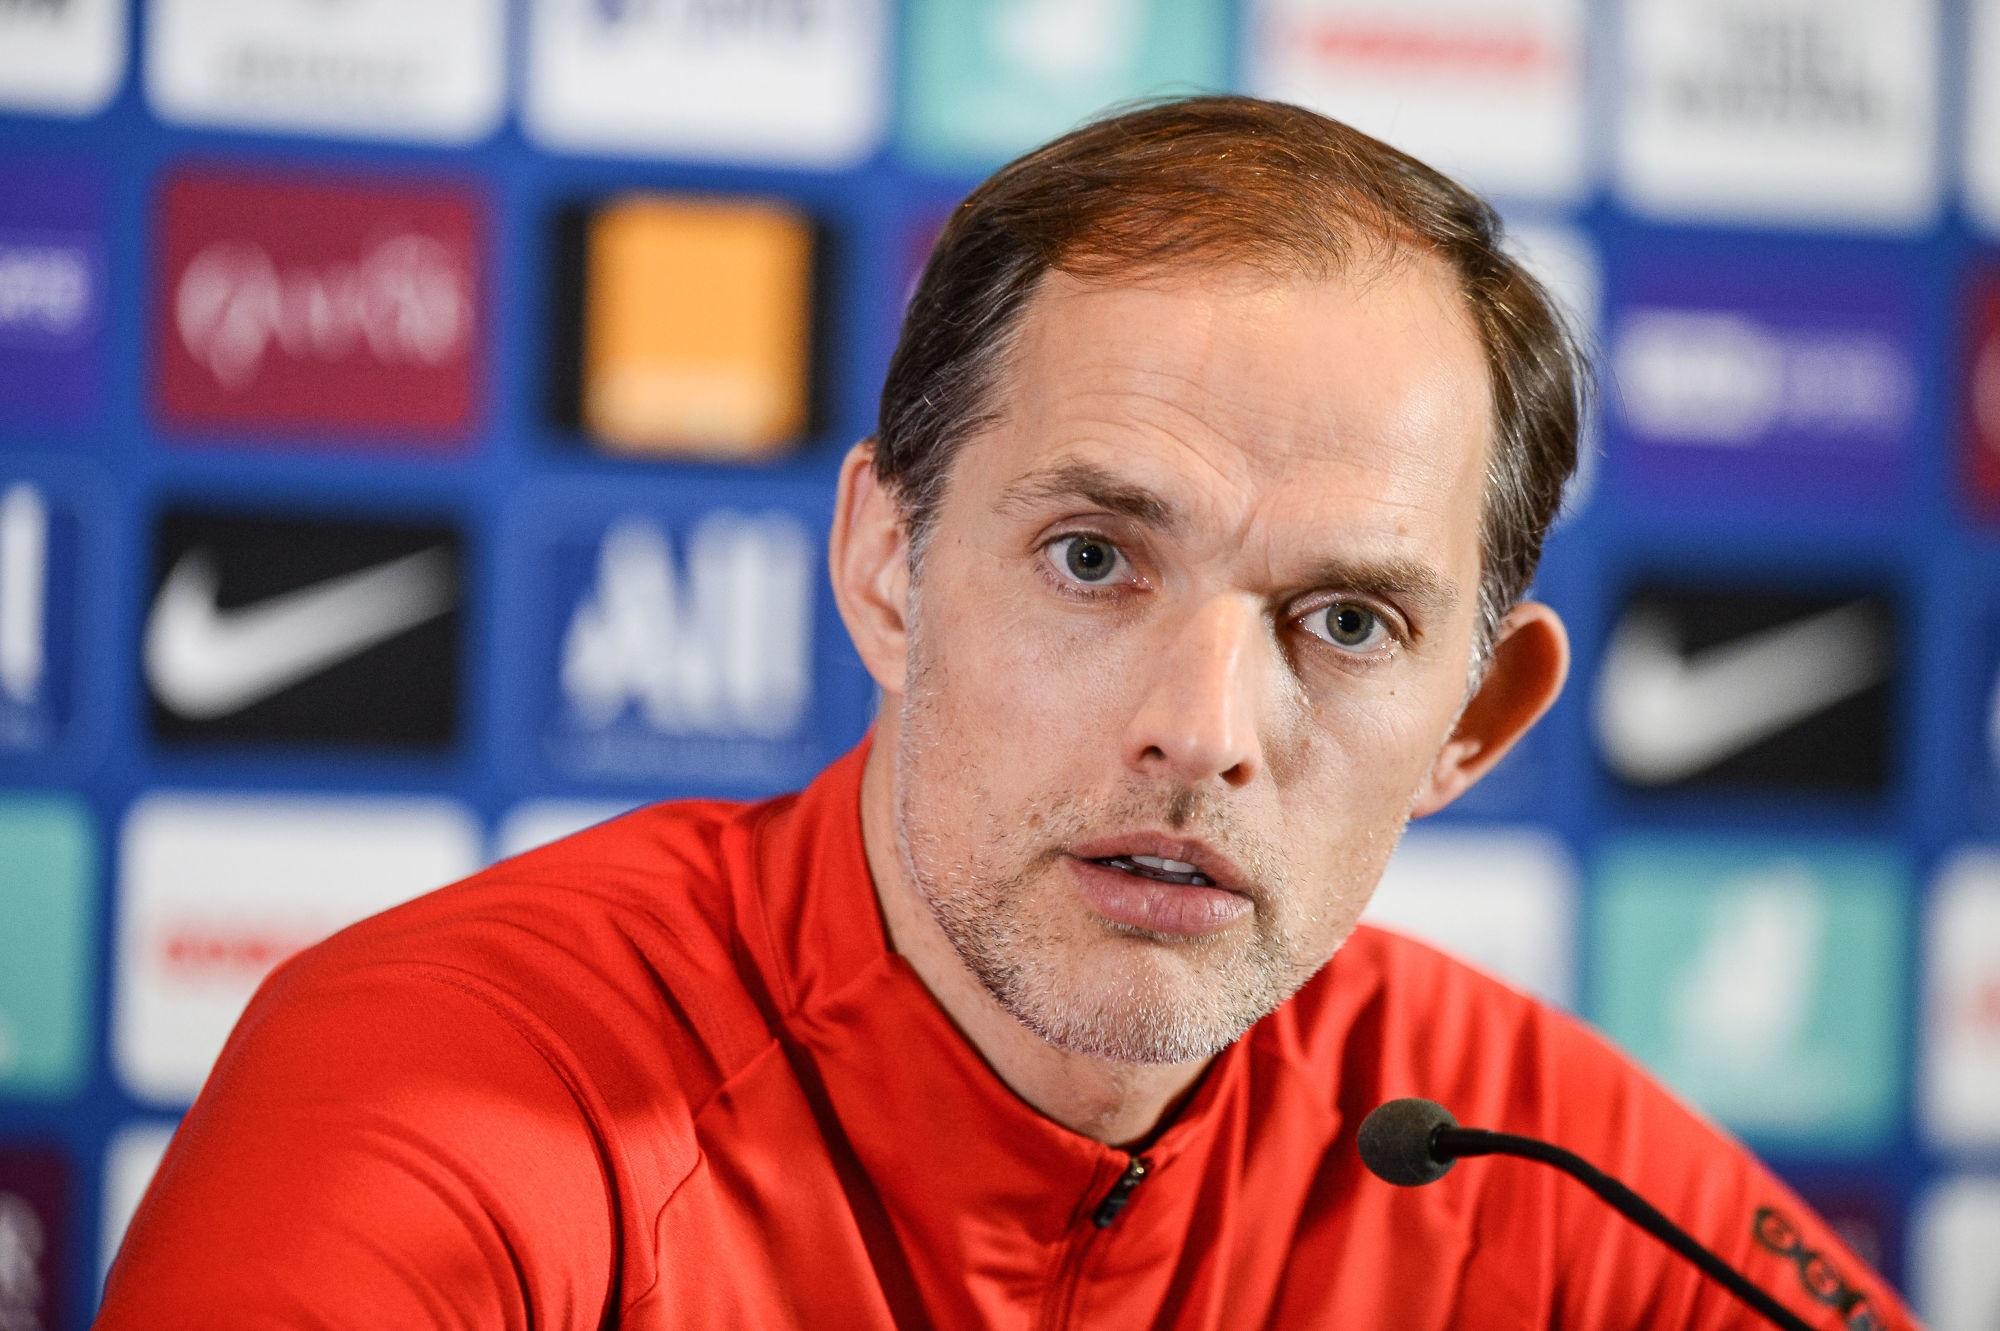 PSG/OL - Tuchel annonce des doutes pour Kehrer, Dagba et Bernat